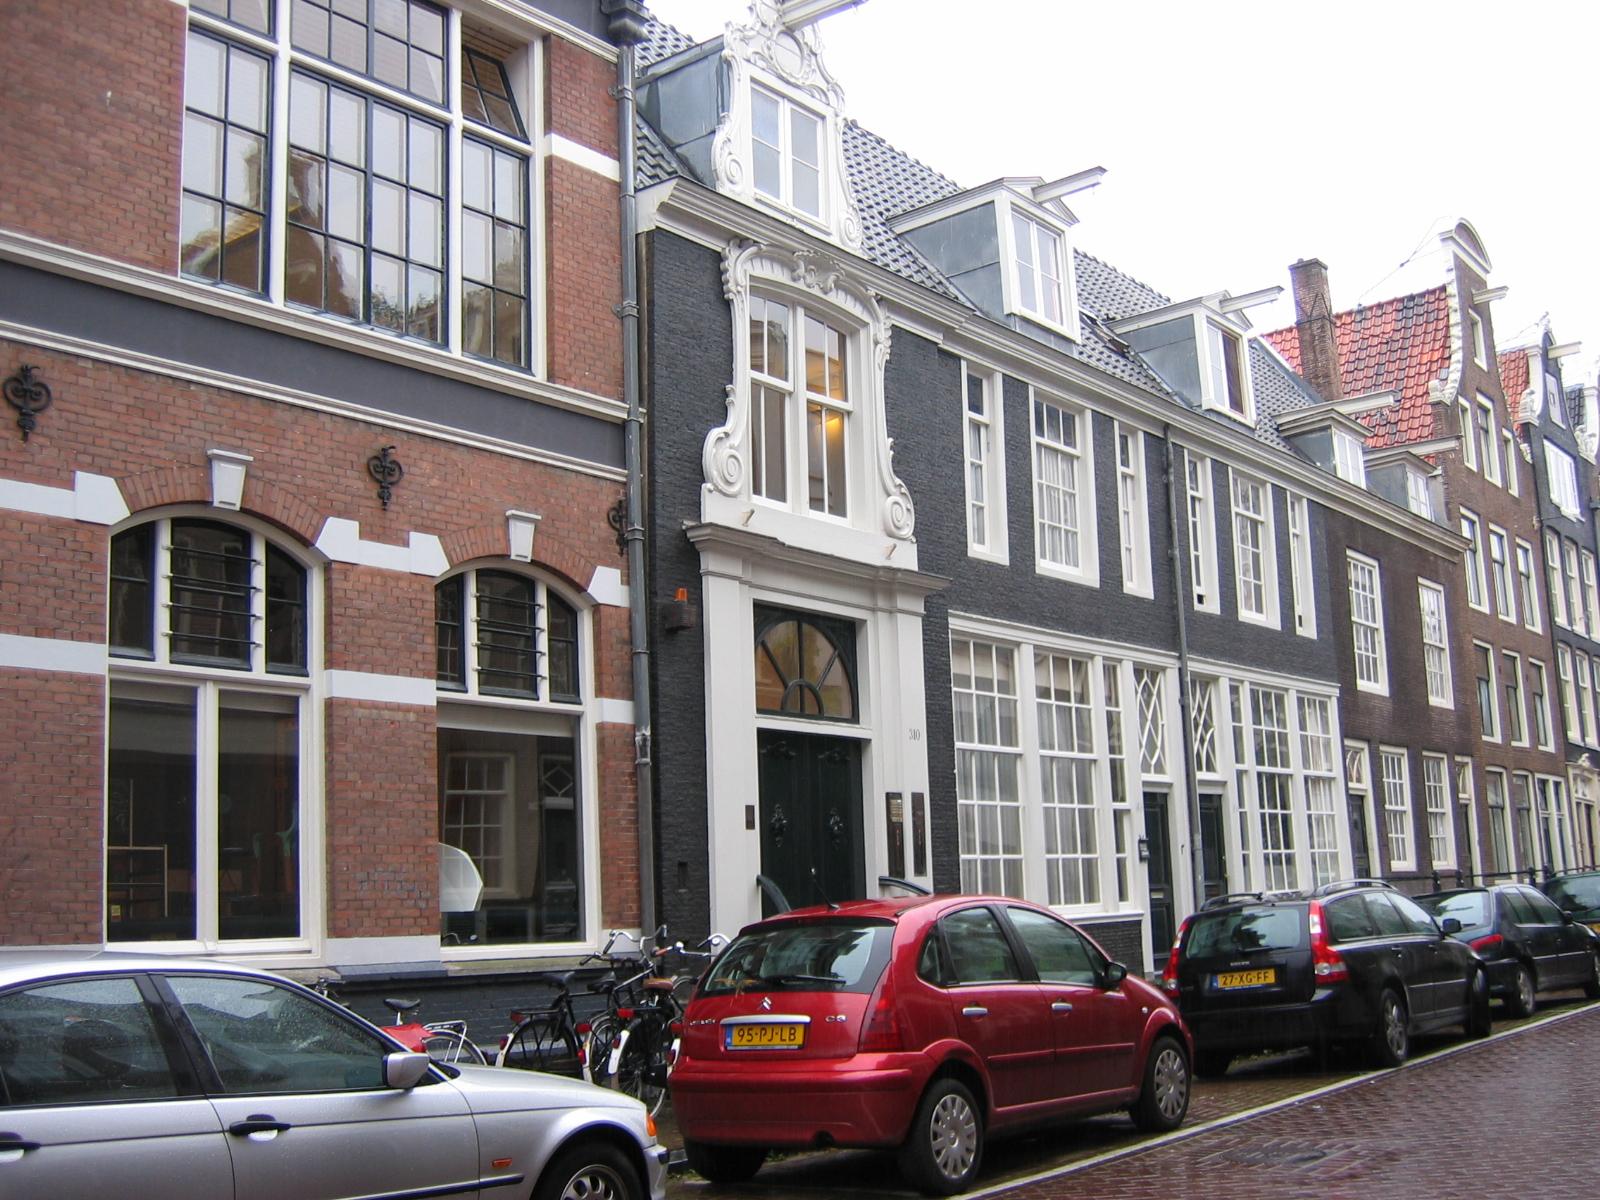 Huis met ingang aan de straat doch verder slechts een negen vensters brede achtervleugel in - Huis ingang ...